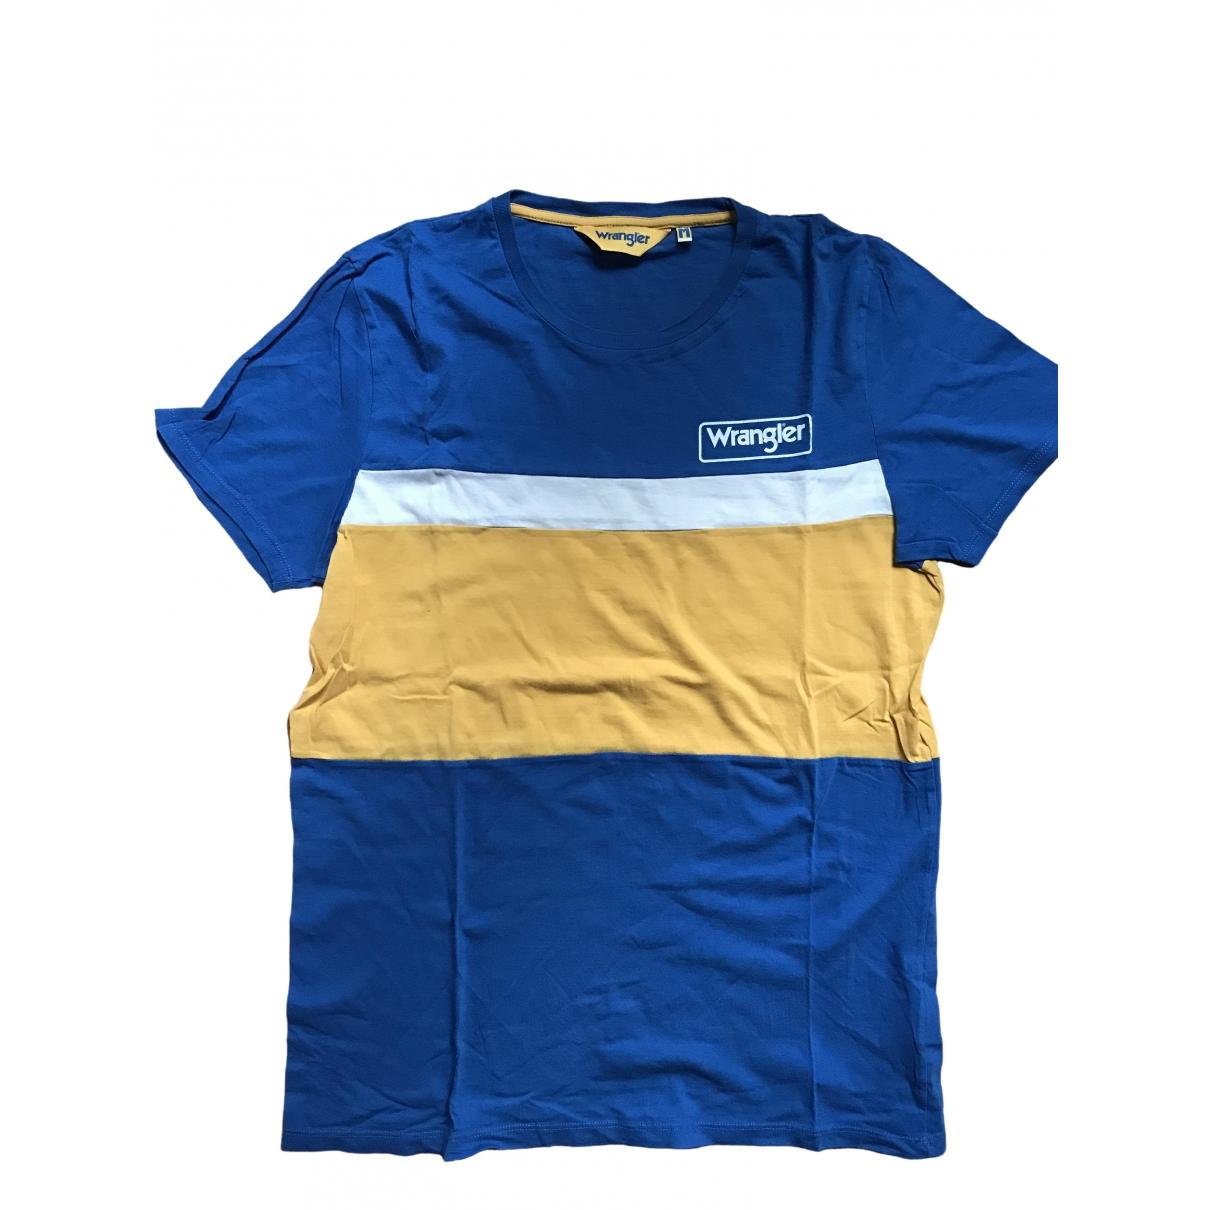 Wrangler \N Blue Cotton T-shirts for Men M International